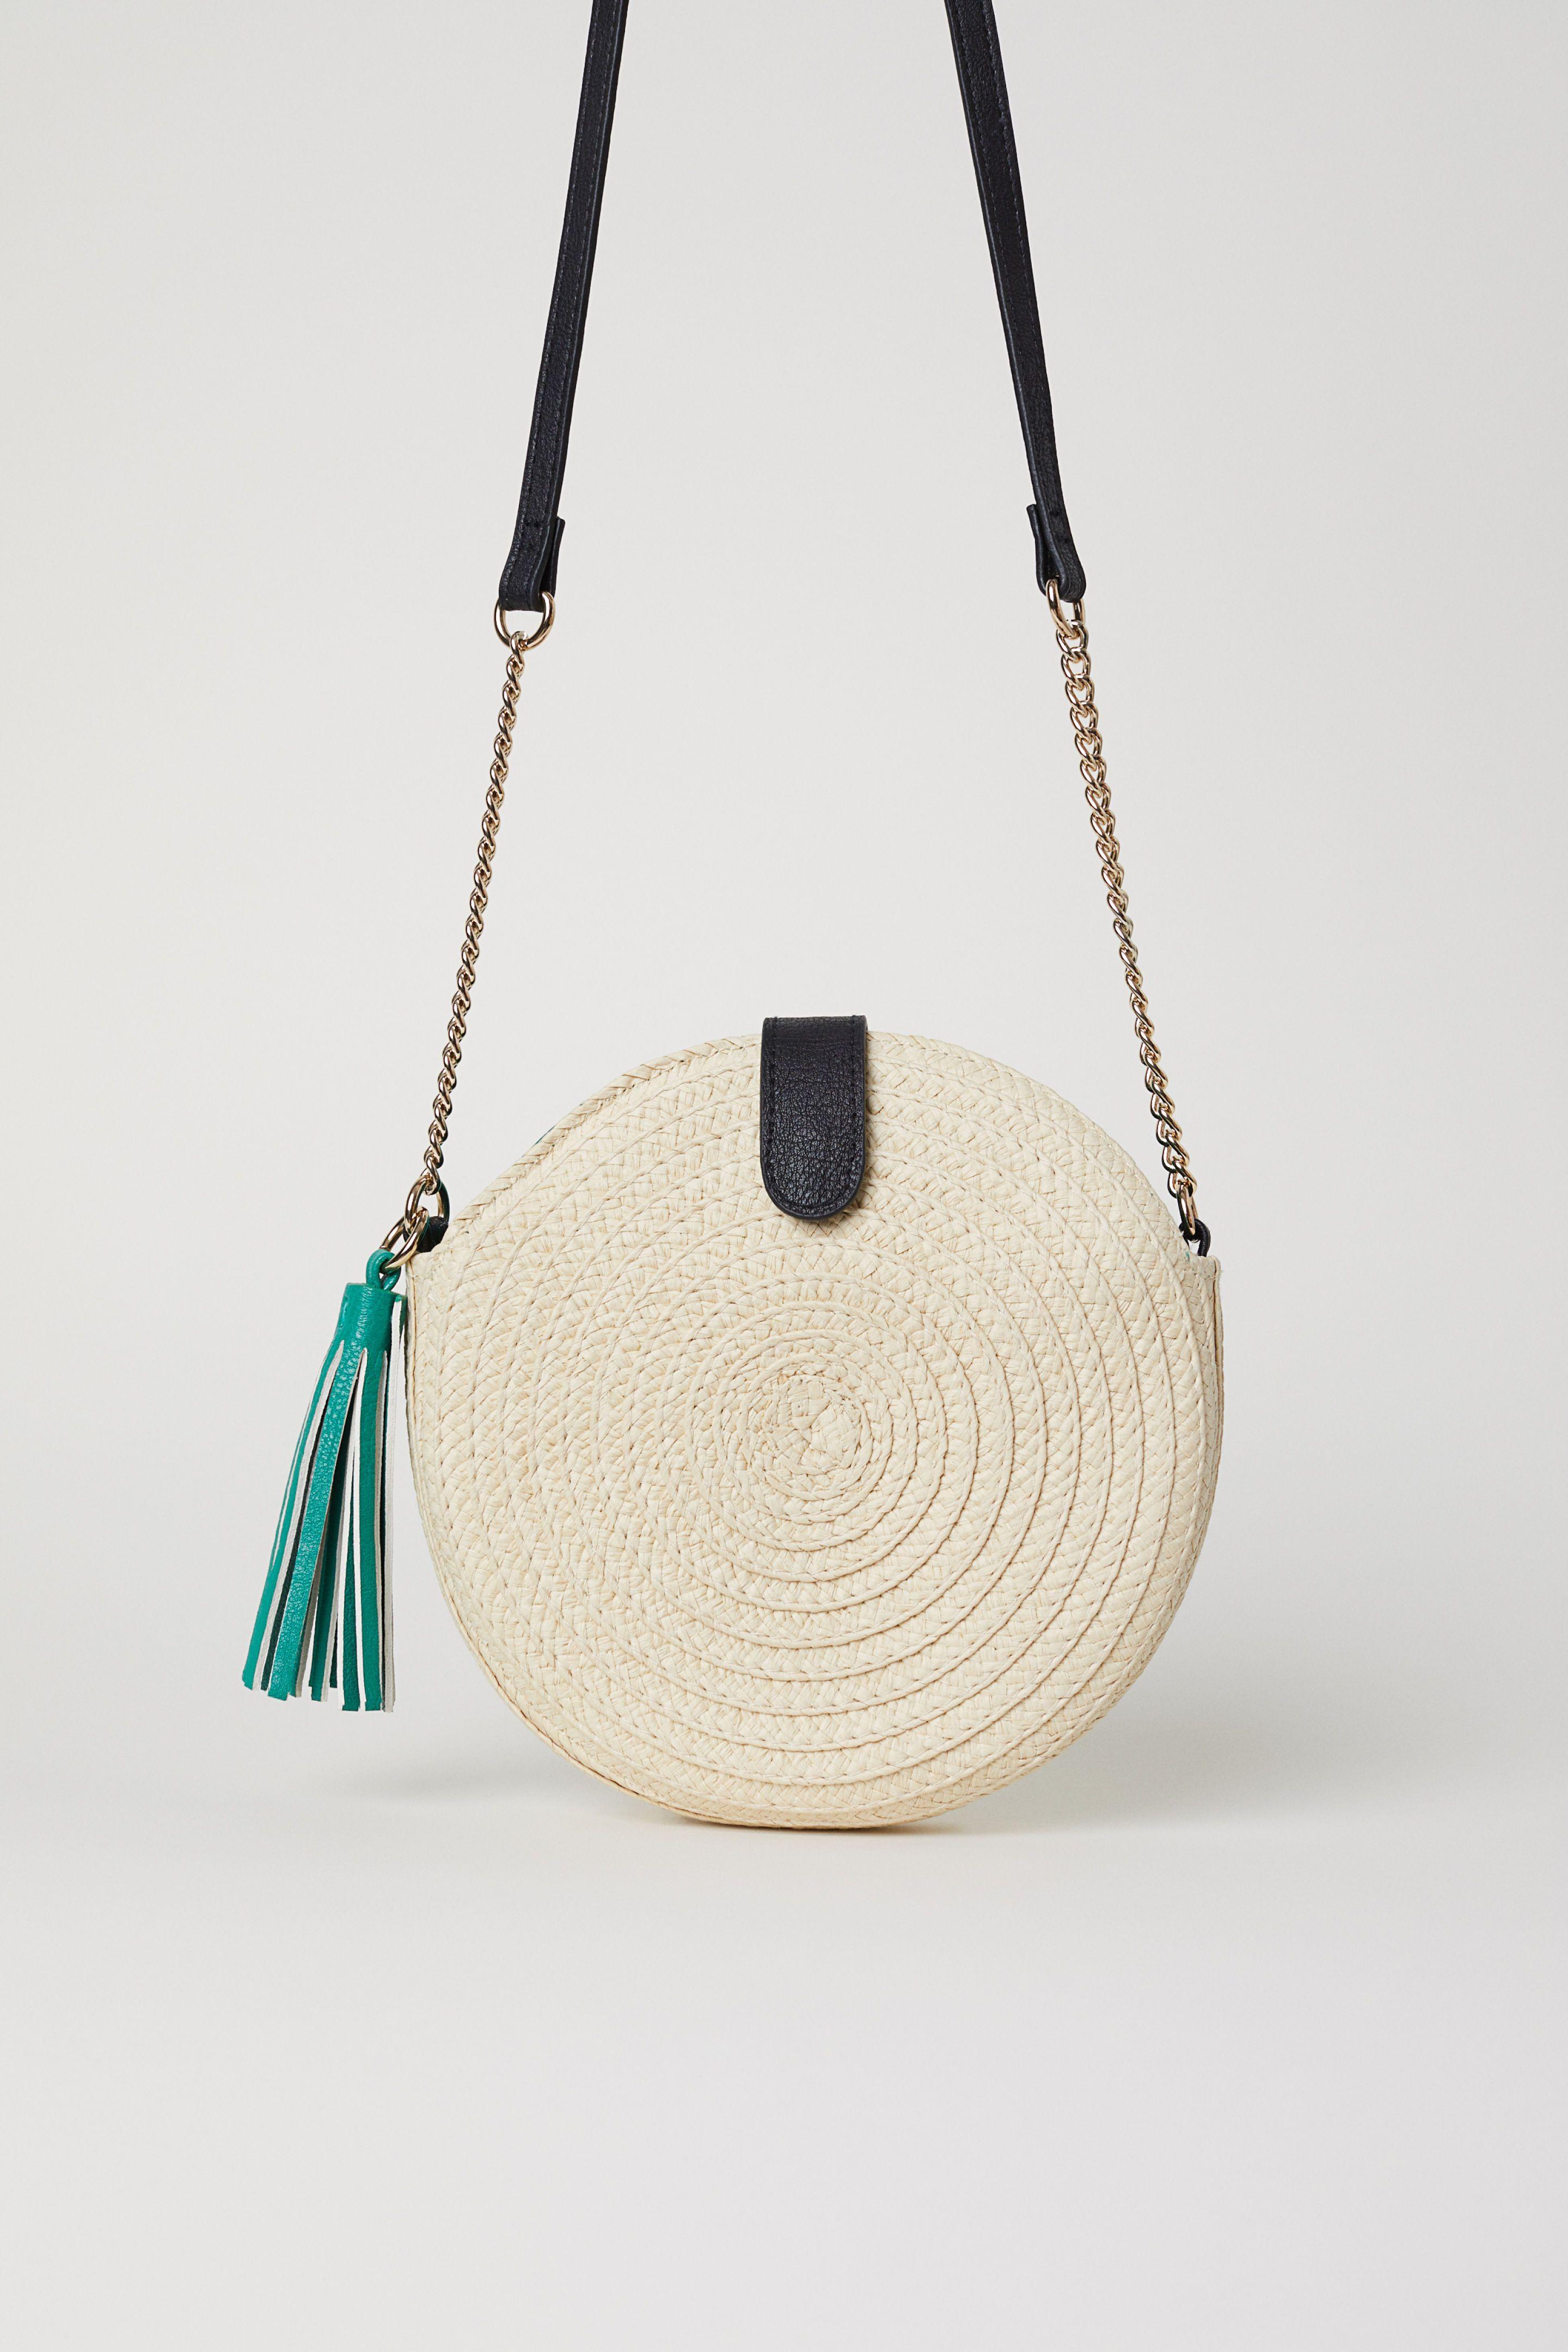 2a49b30d961b Круглая сумочка из соломки | аксессуары | Сумки, Натуральный, Рюкзак